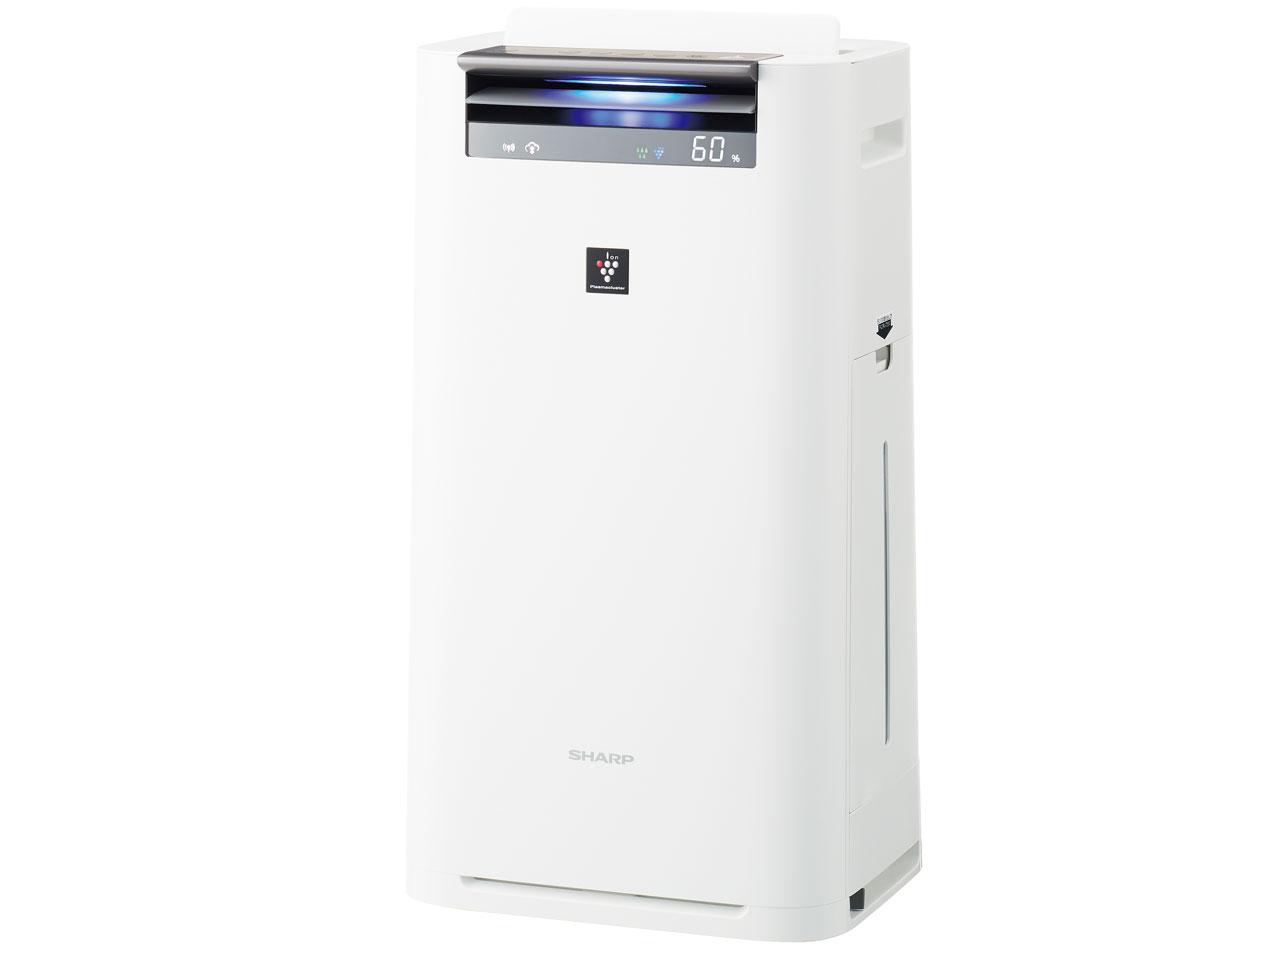 【お取り寄せ】シャープ(Sharp)プラズマクラスター25000搭載 加湿空気清浄機(空清23畳まで/加湿15畳まで) ホワイト|KI-JS50-W